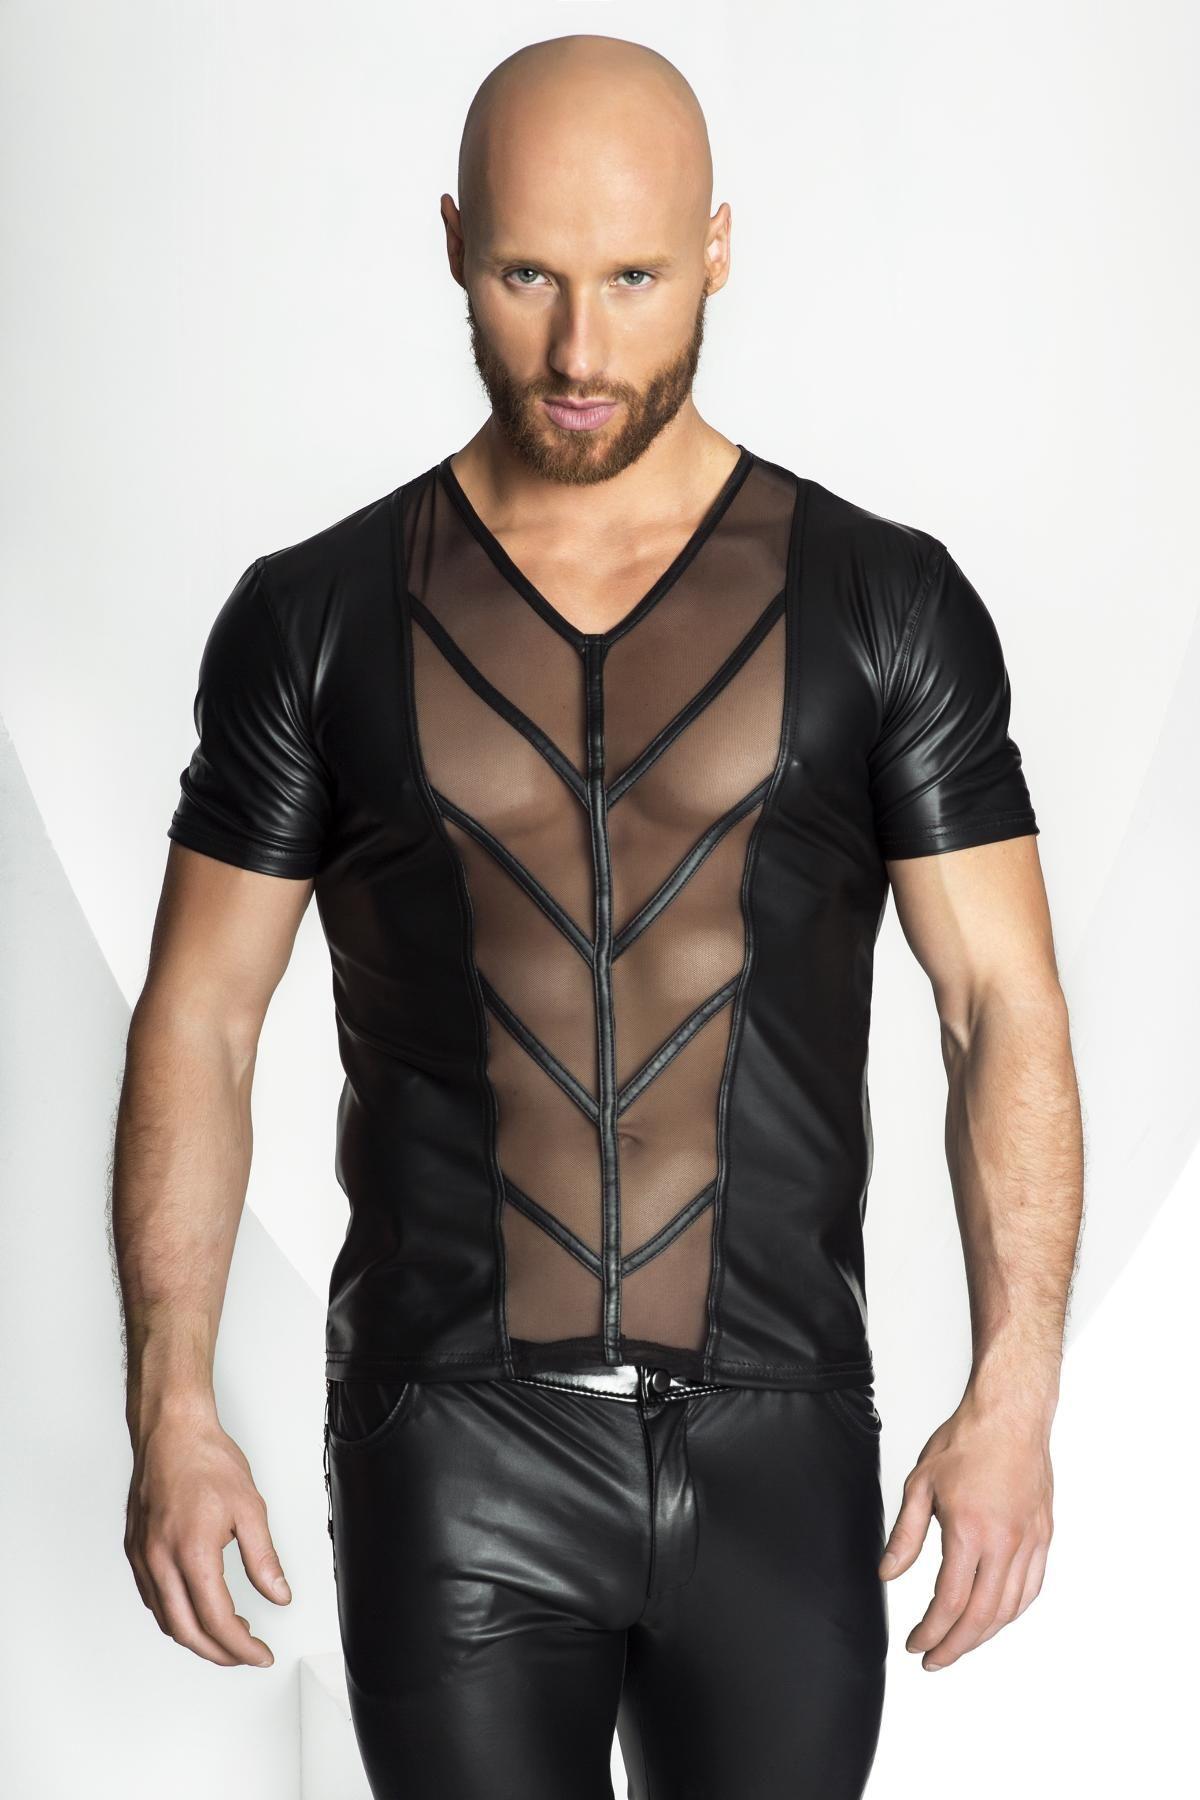 Your man fetish clothing